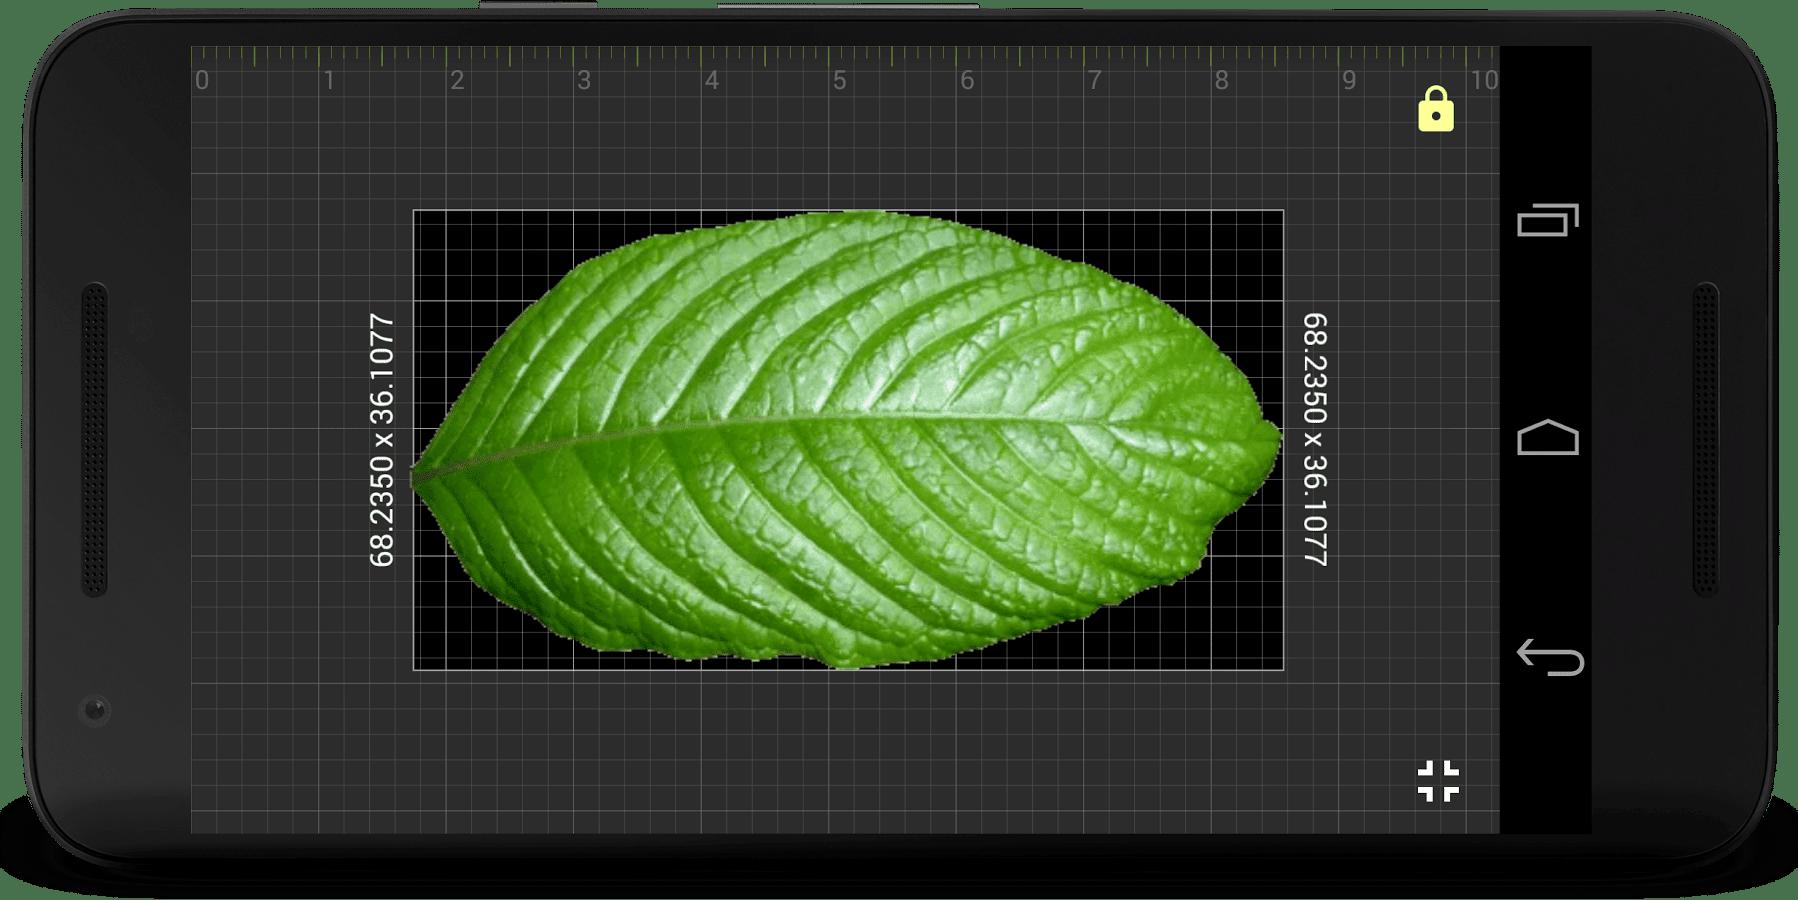 , Application du jour : Millimeter Pro règle à l'écran